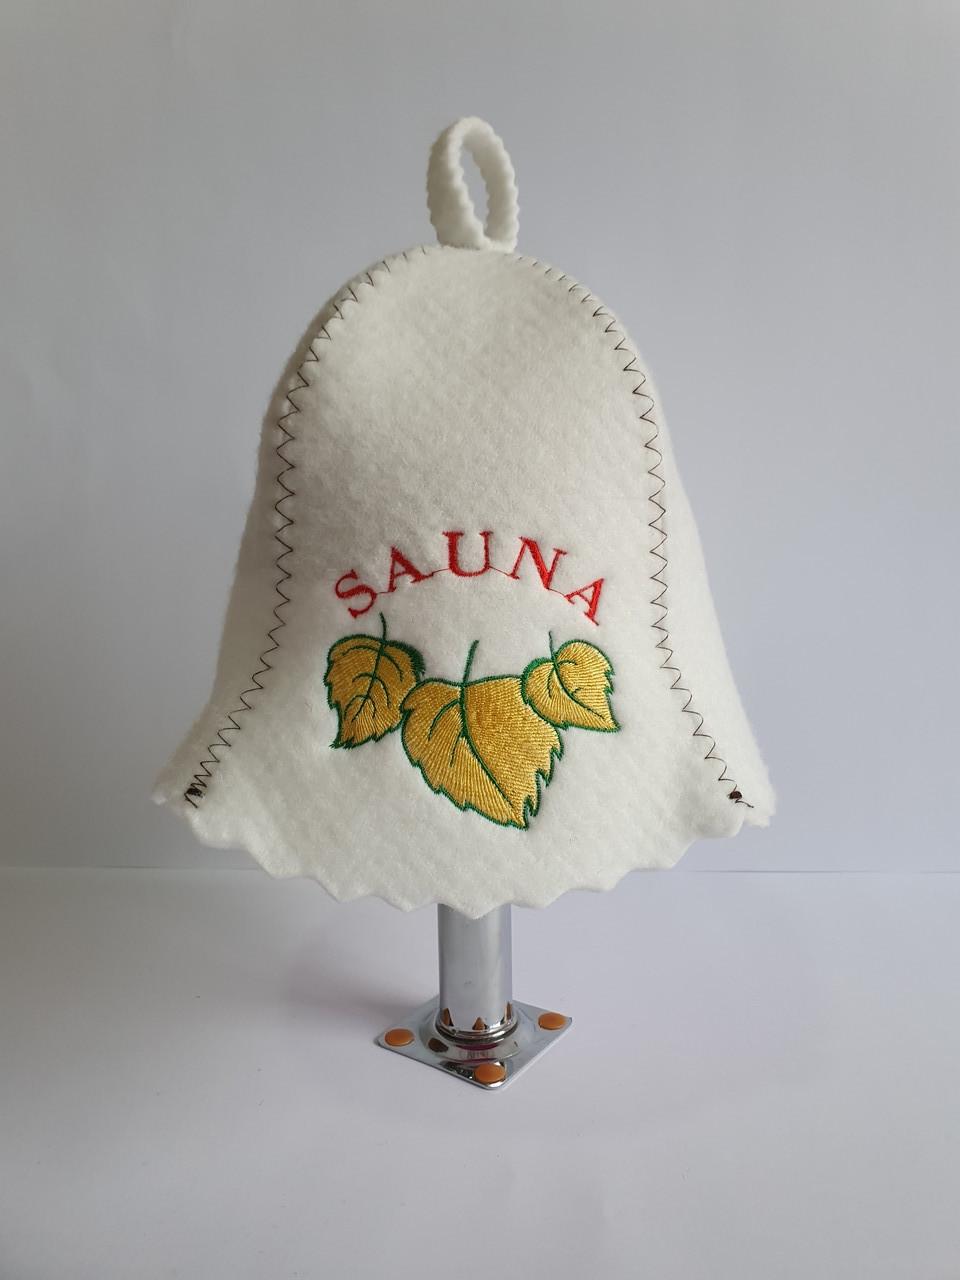 Шапка для бані та сауни з яскравою вишивкою Sauna жовте листя